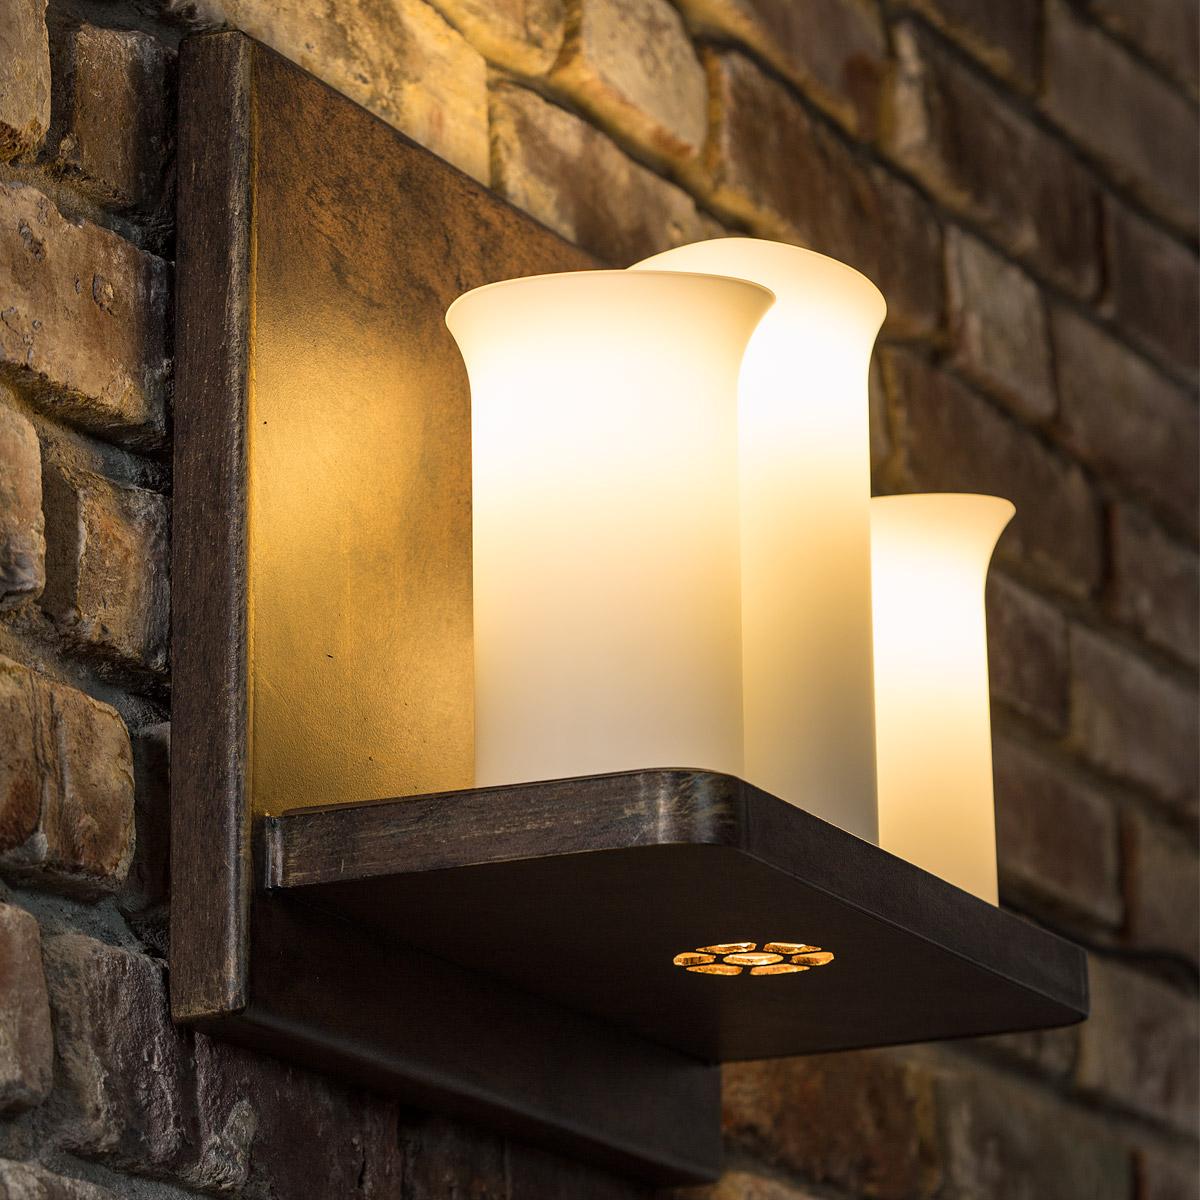 wandleuchte mit drei kerzen und strahler wl 3603 casa lumi. Black Bedroom Furniture Sets. Home Design Ideas